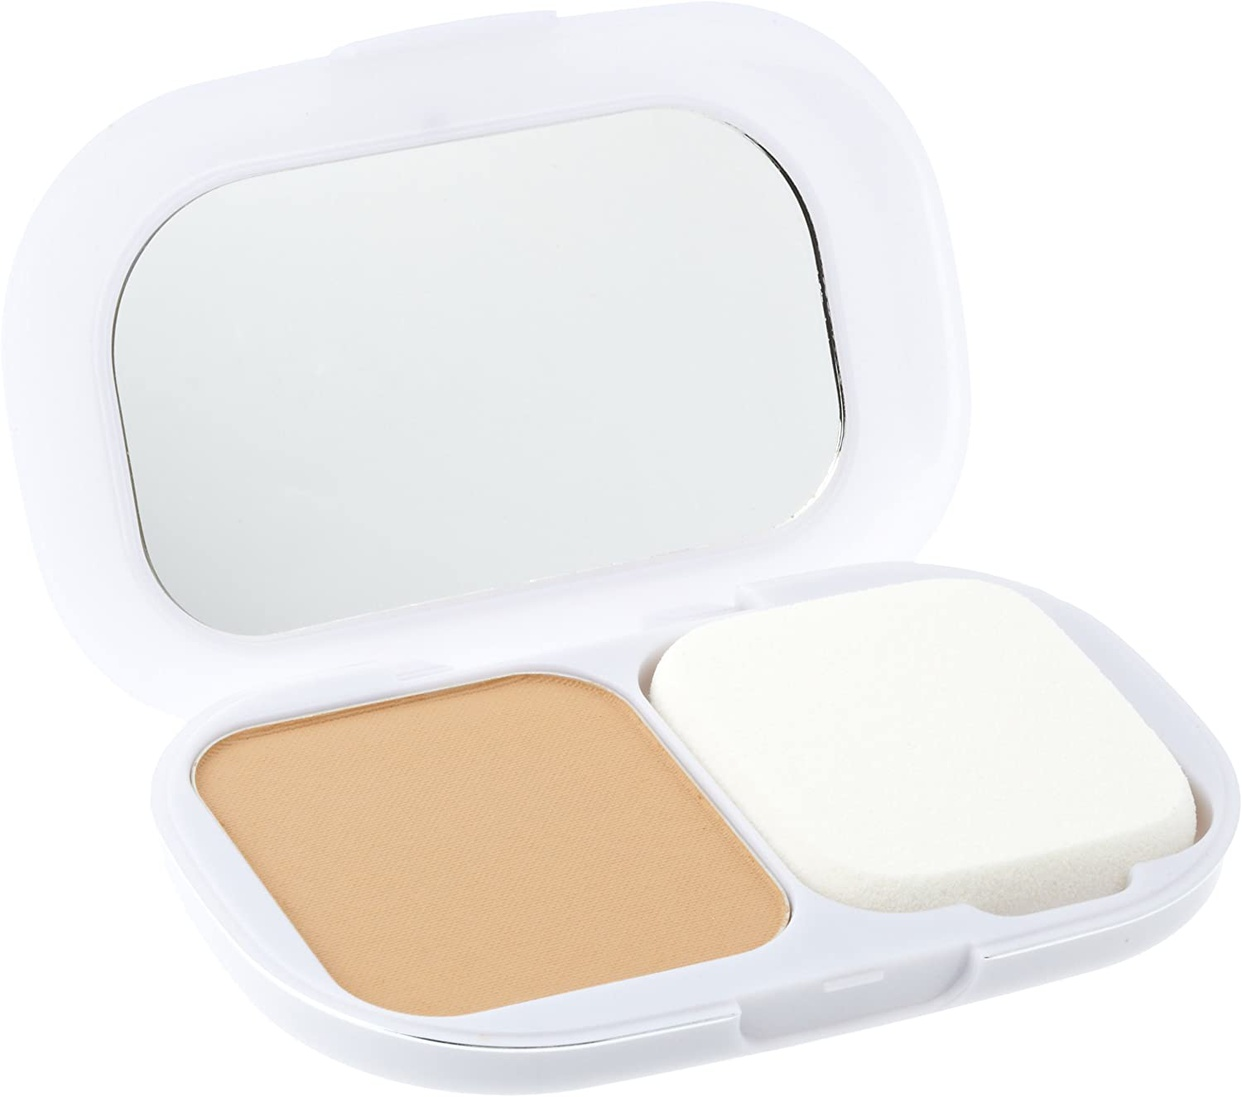 KOSÉ(コーセー) ノア UV ホワイト パウダーファンデーションEXの商品画像